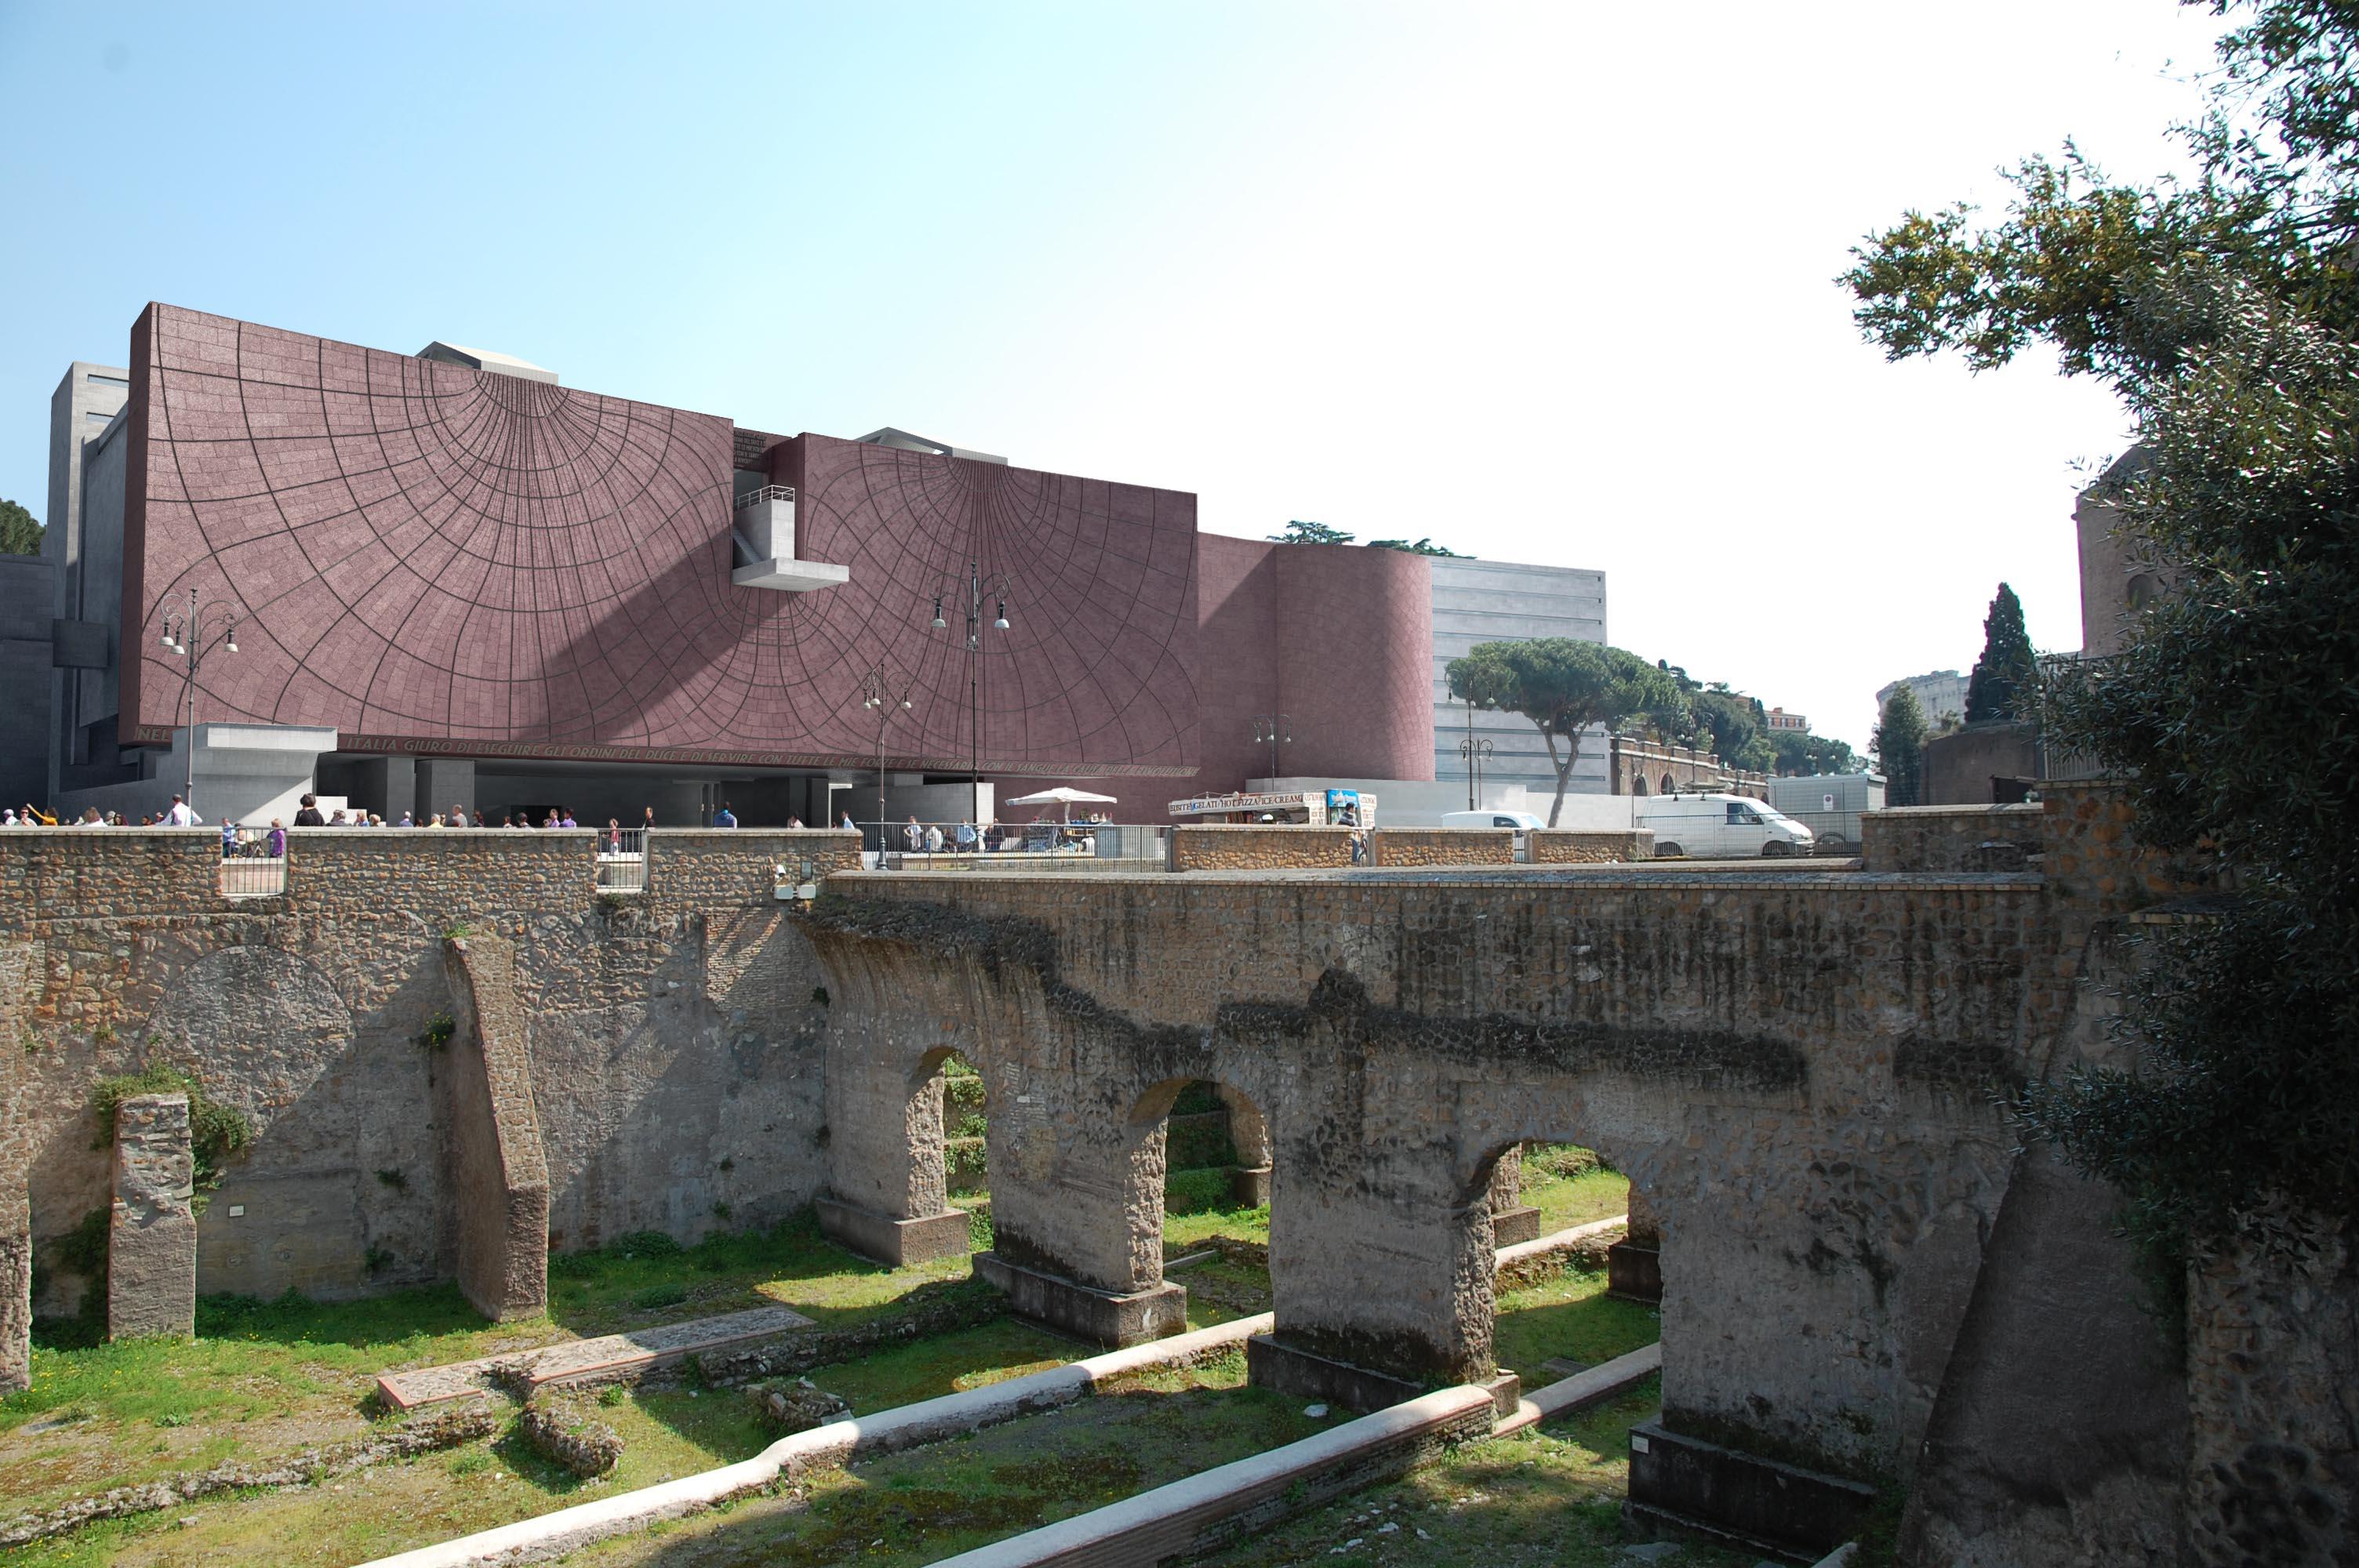 Giuseppe terragni a roma in chiave critica espoarte for Studi di architettura roma